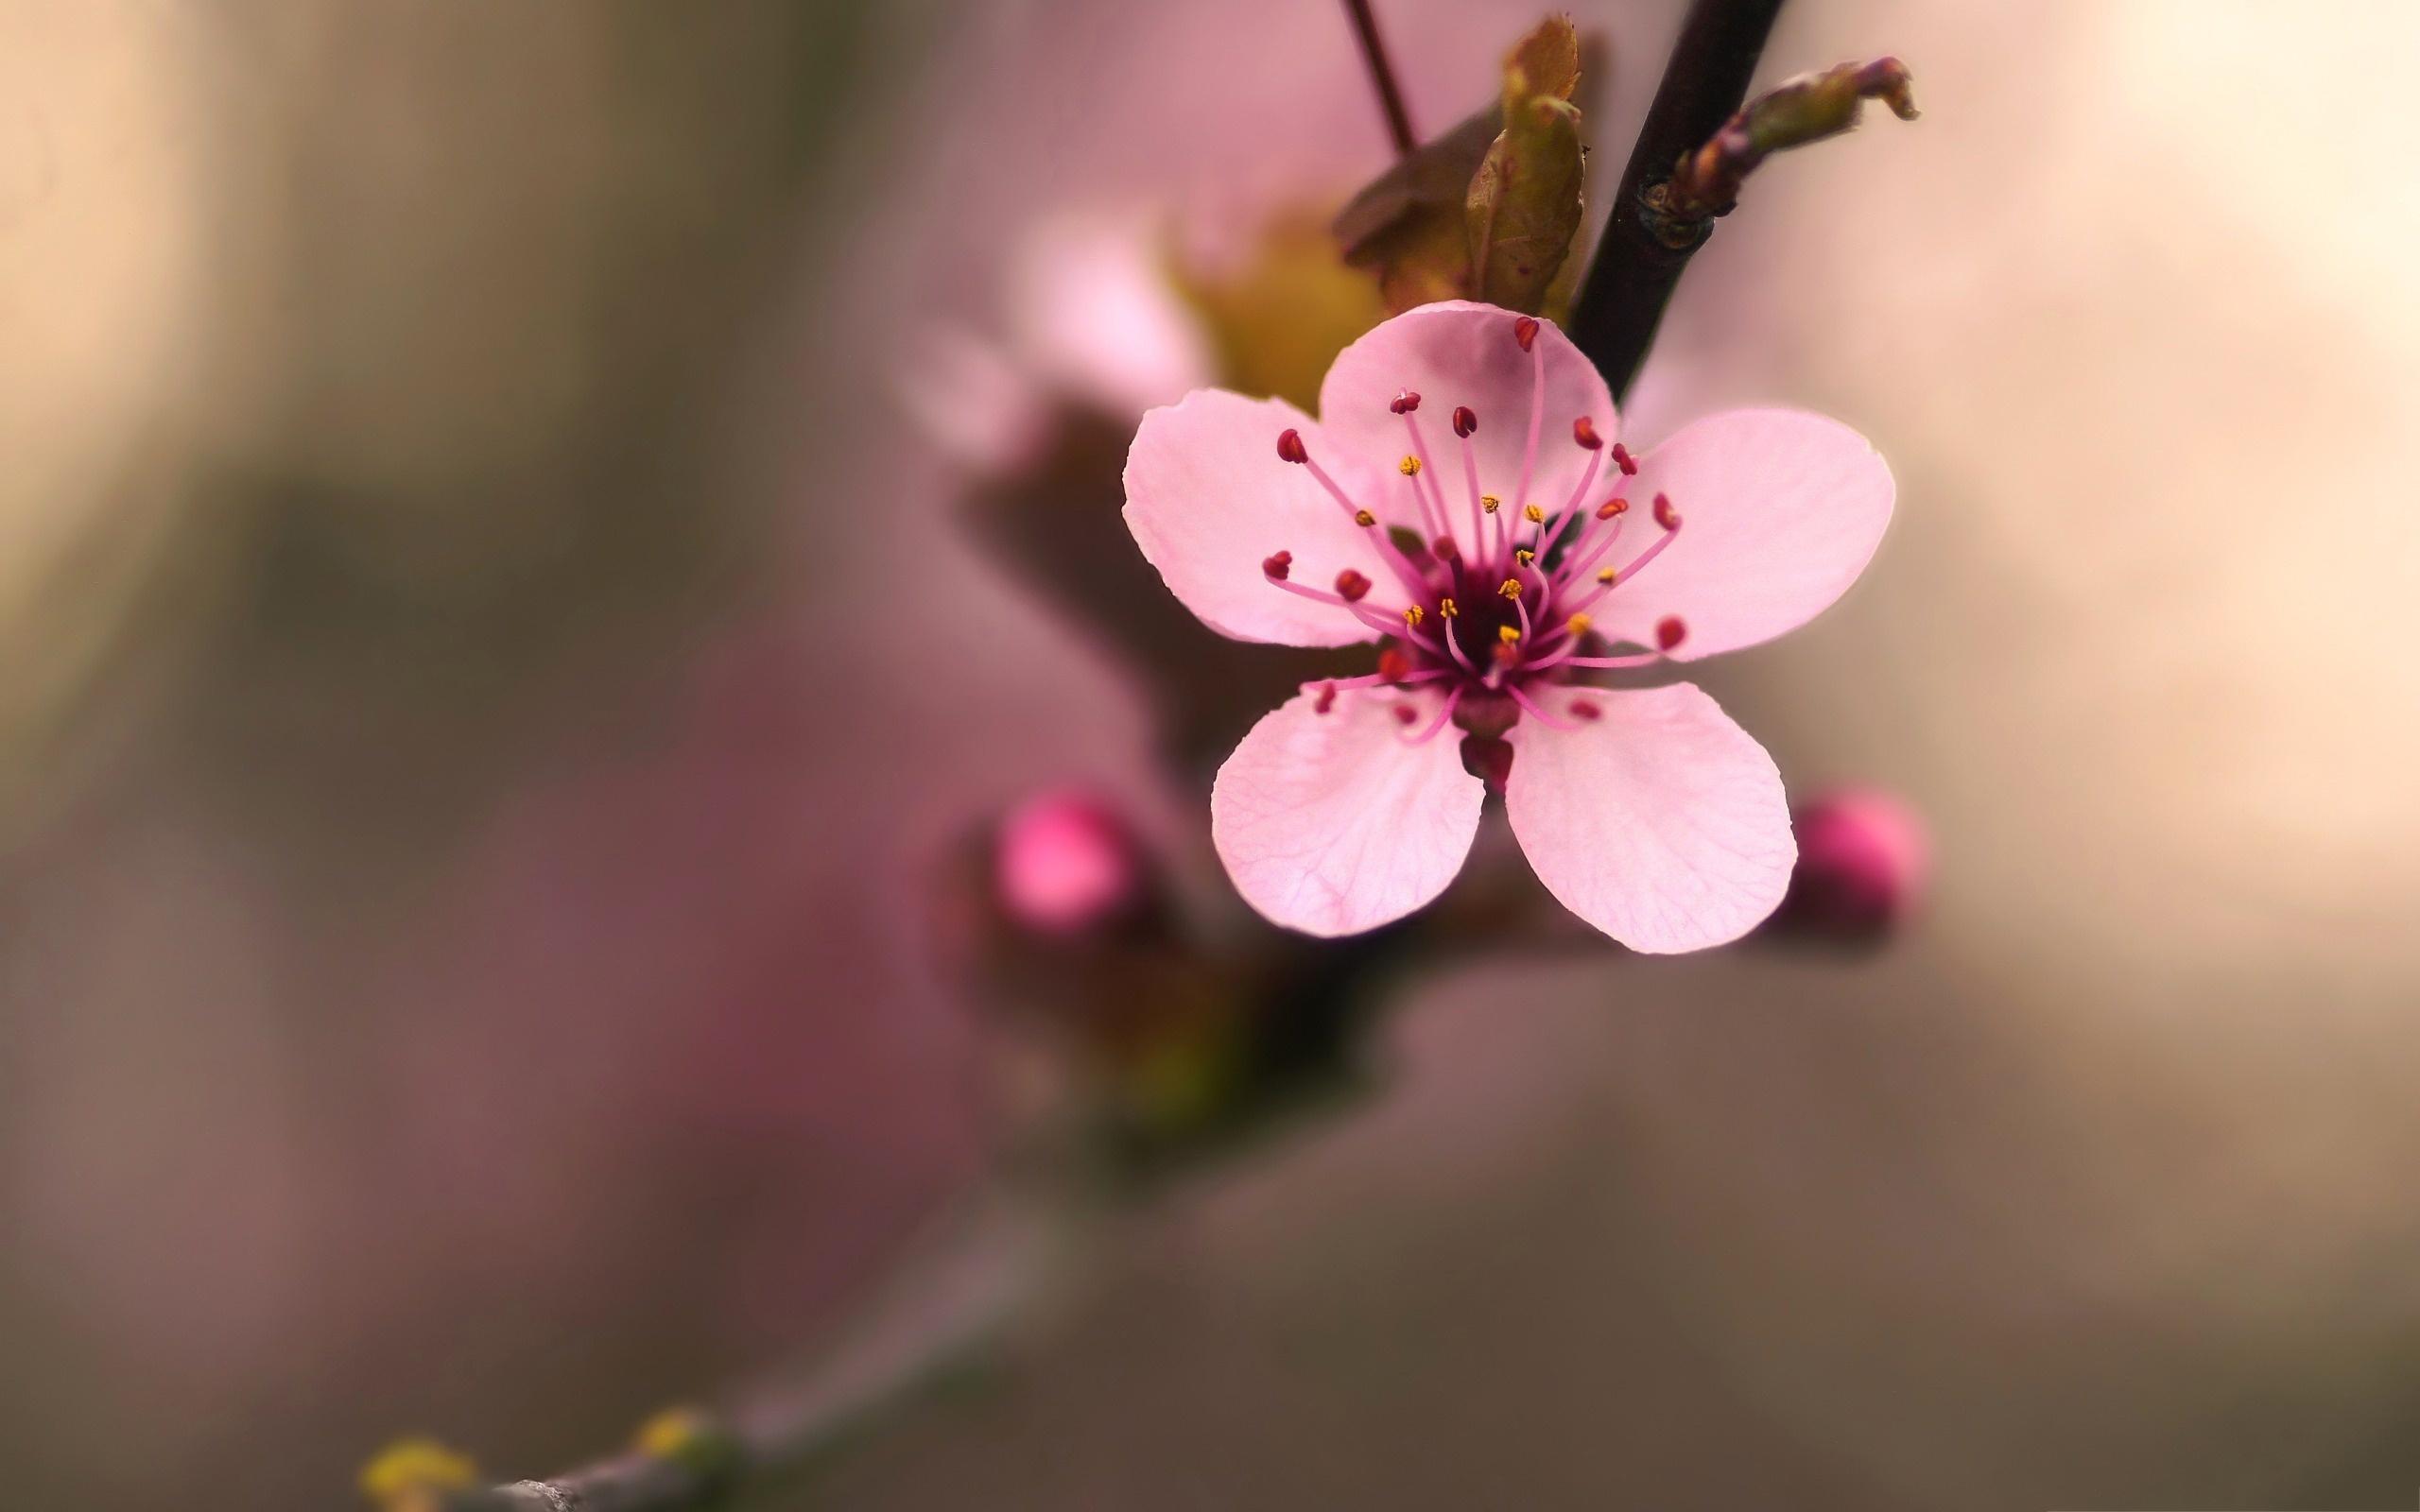 flowering cherry blossom